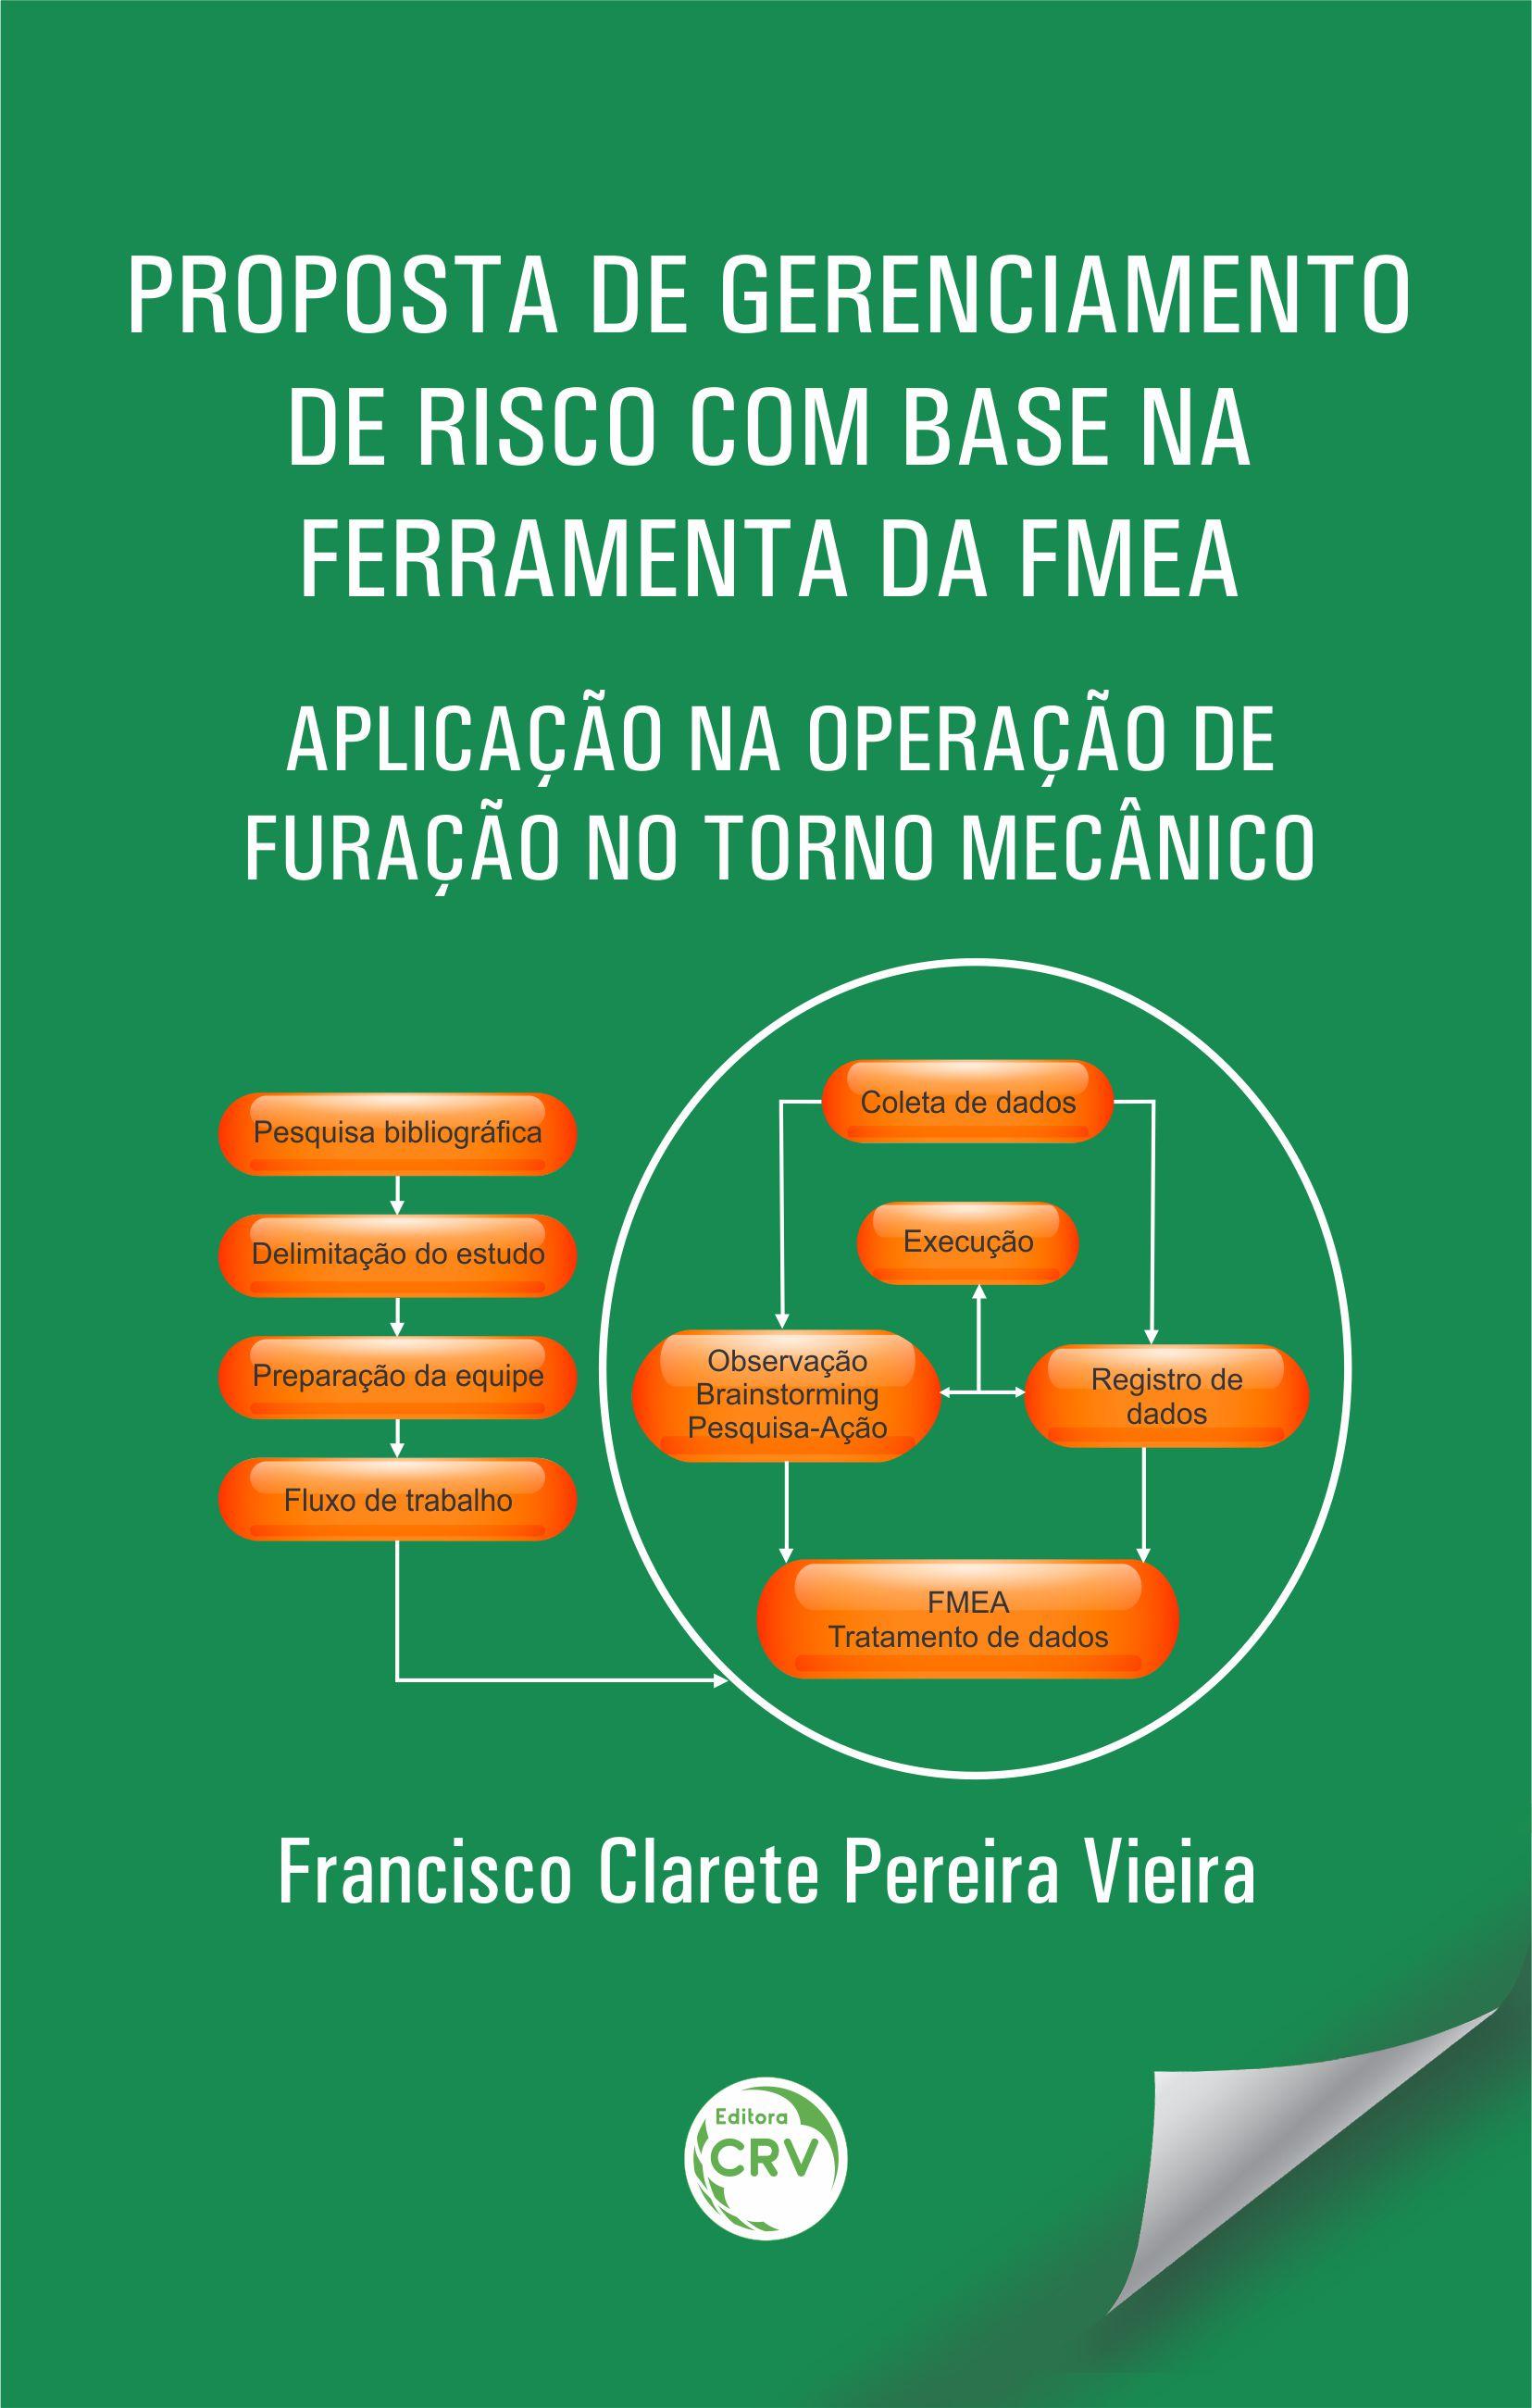 Capa do livro: PROPOSTA DE GERENCIAMENTO DE RISCO COM BASE NA FERRAMENTA DA FMEA: <br>aplicação na operação de furação no torno mecânico